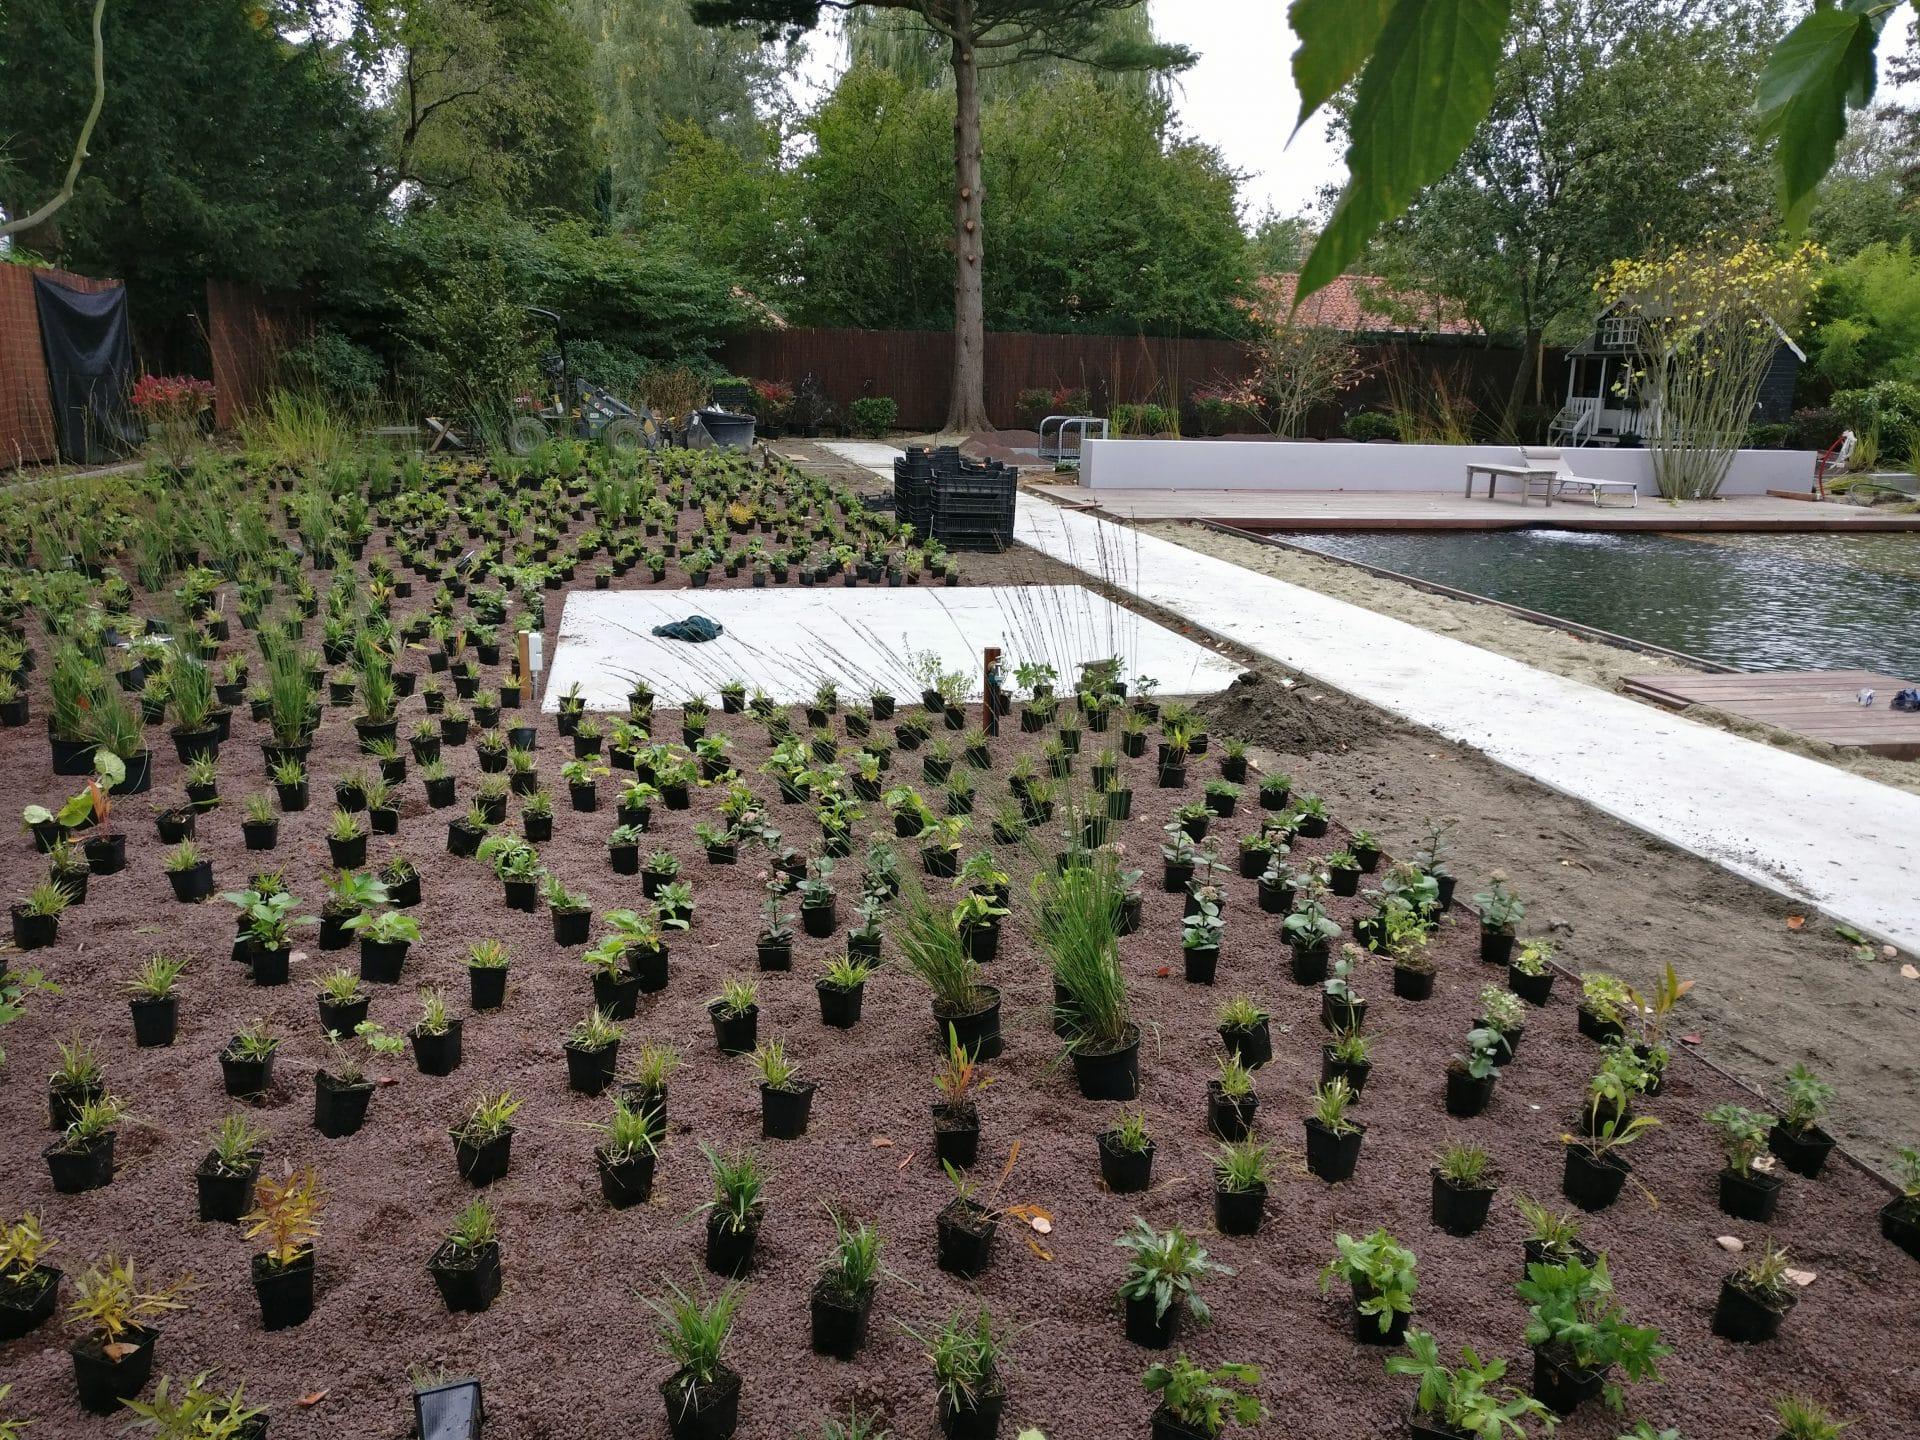 aanplant vaste planten Utrecht Jeroen Hamers